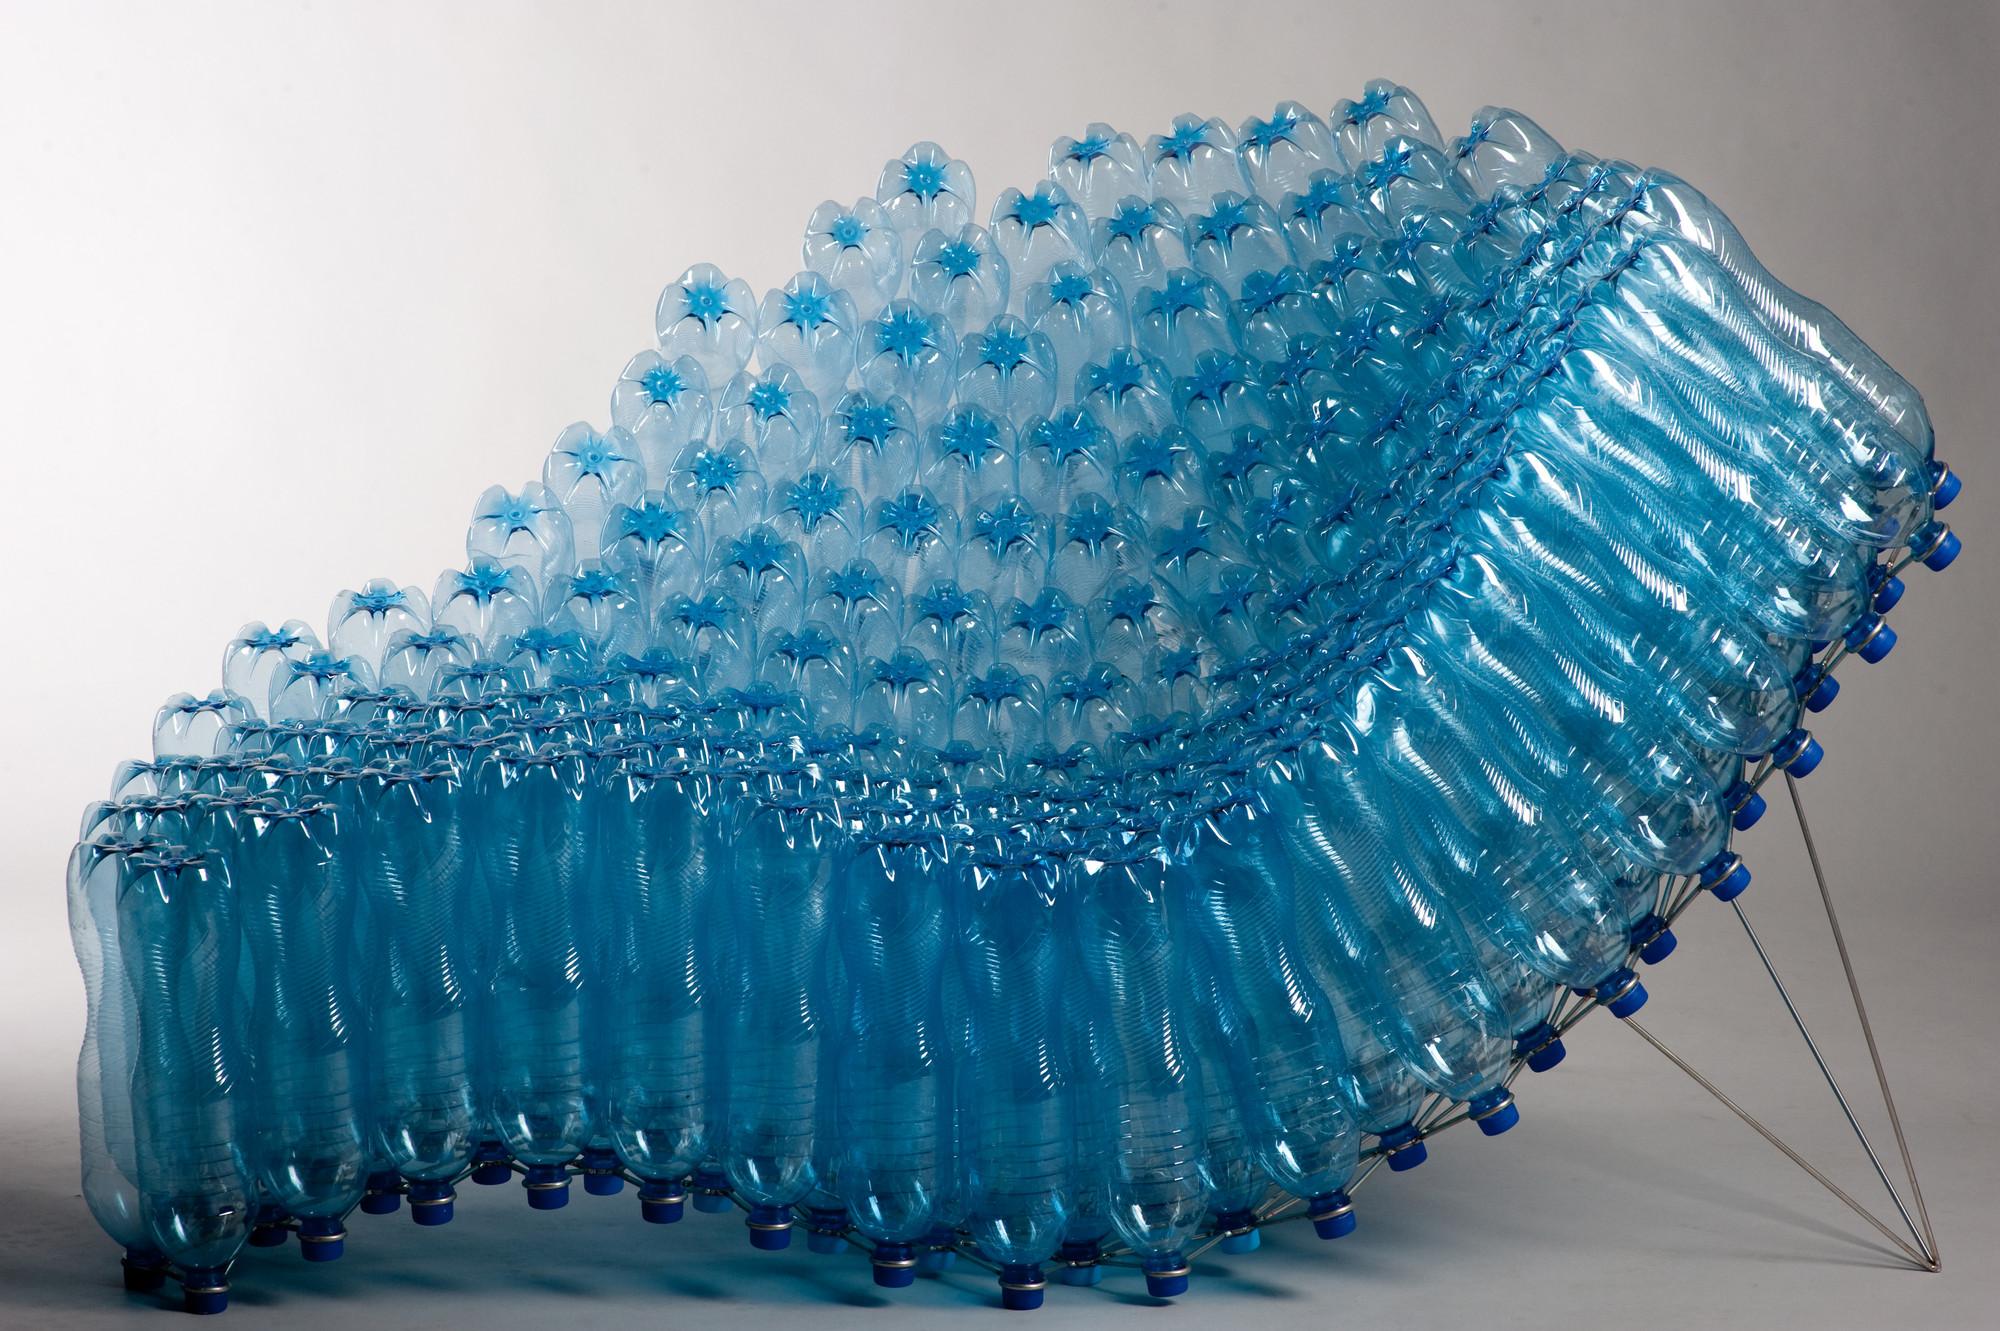 Silla de botellas / Pawel Grunert , Cortesia de Paweł Grunert